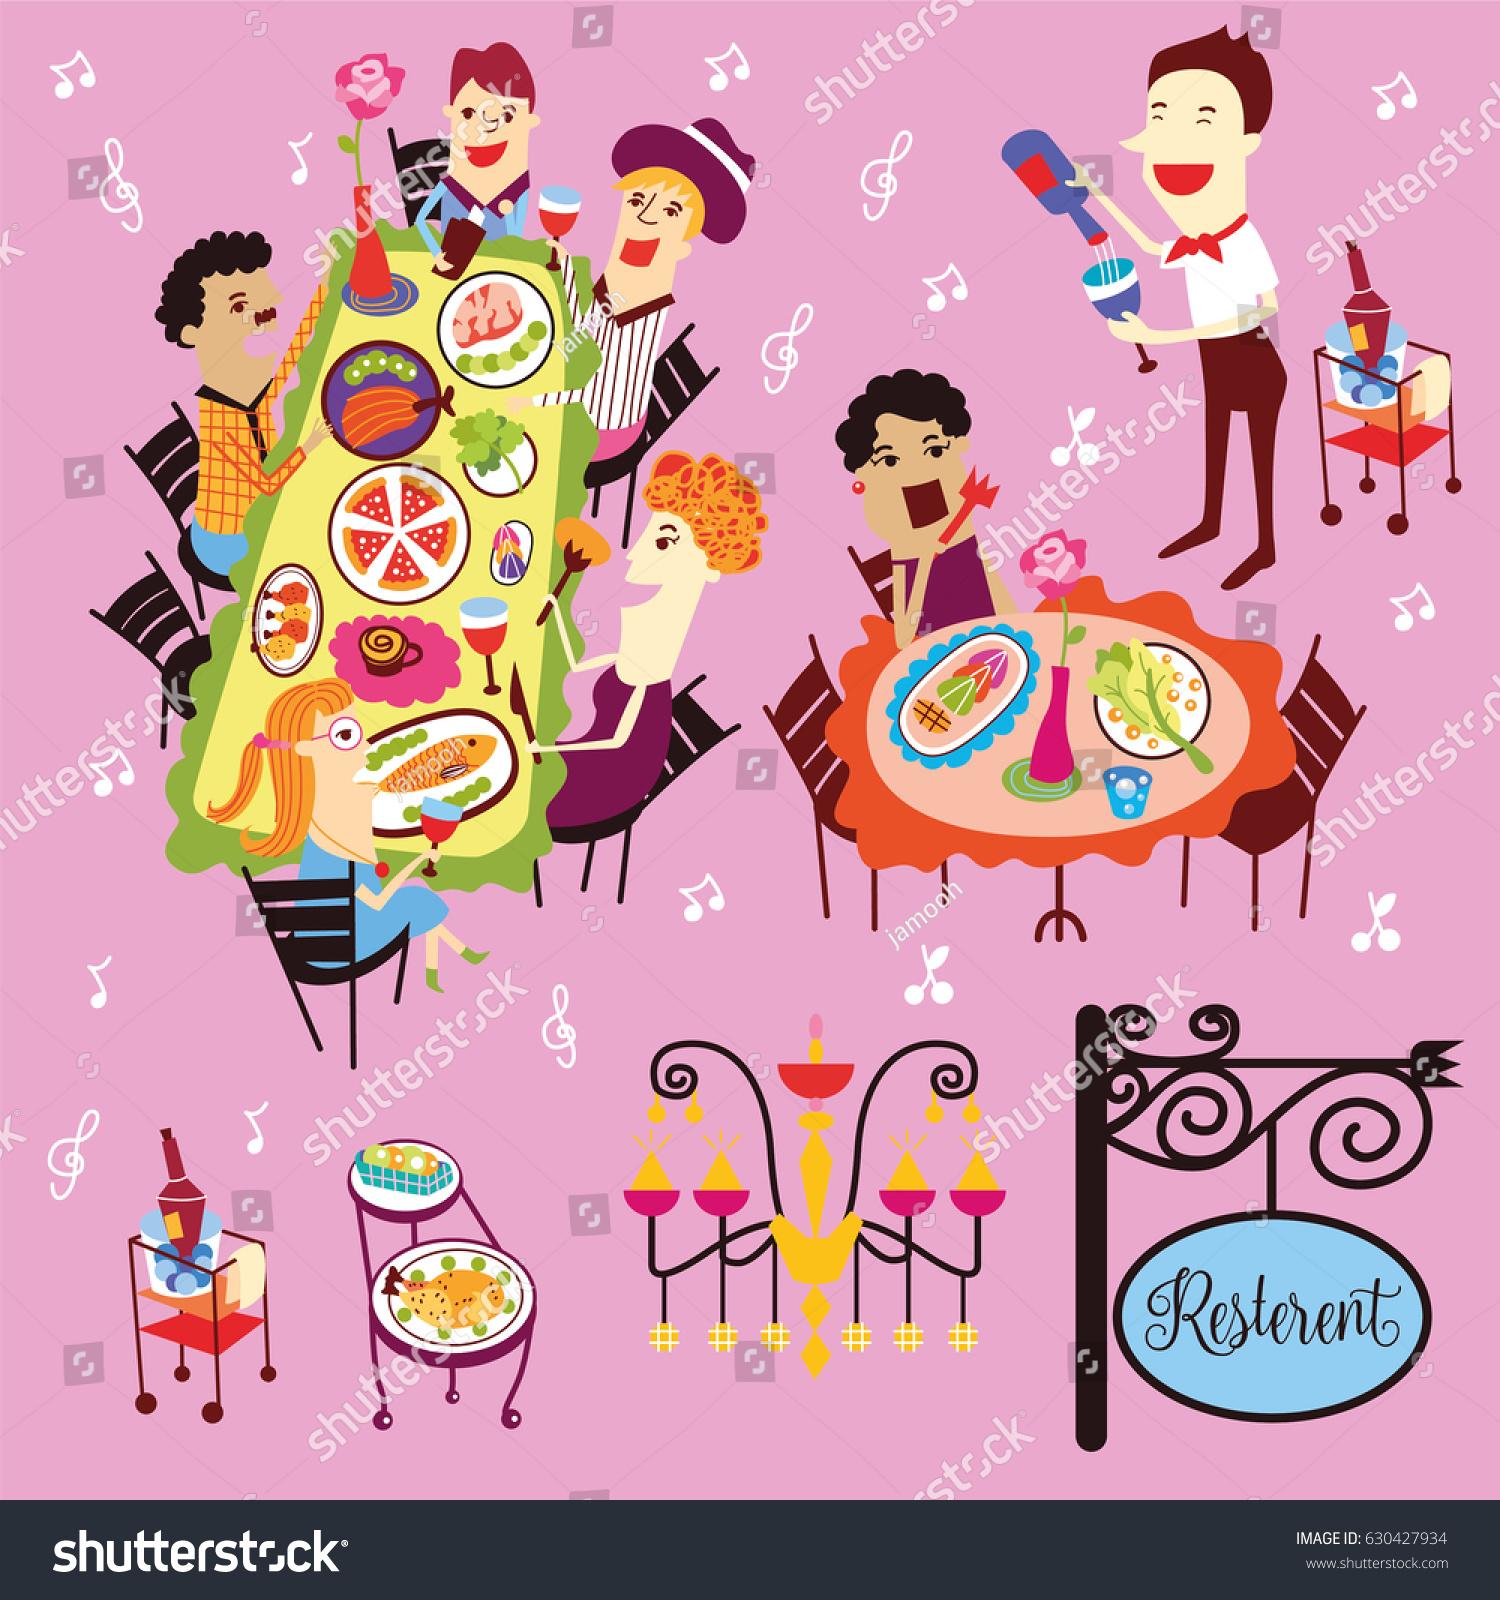 Vector De Stock Libre De Regalias Sobre People Having Lunch Luxury Exclusive Rooftop630427934